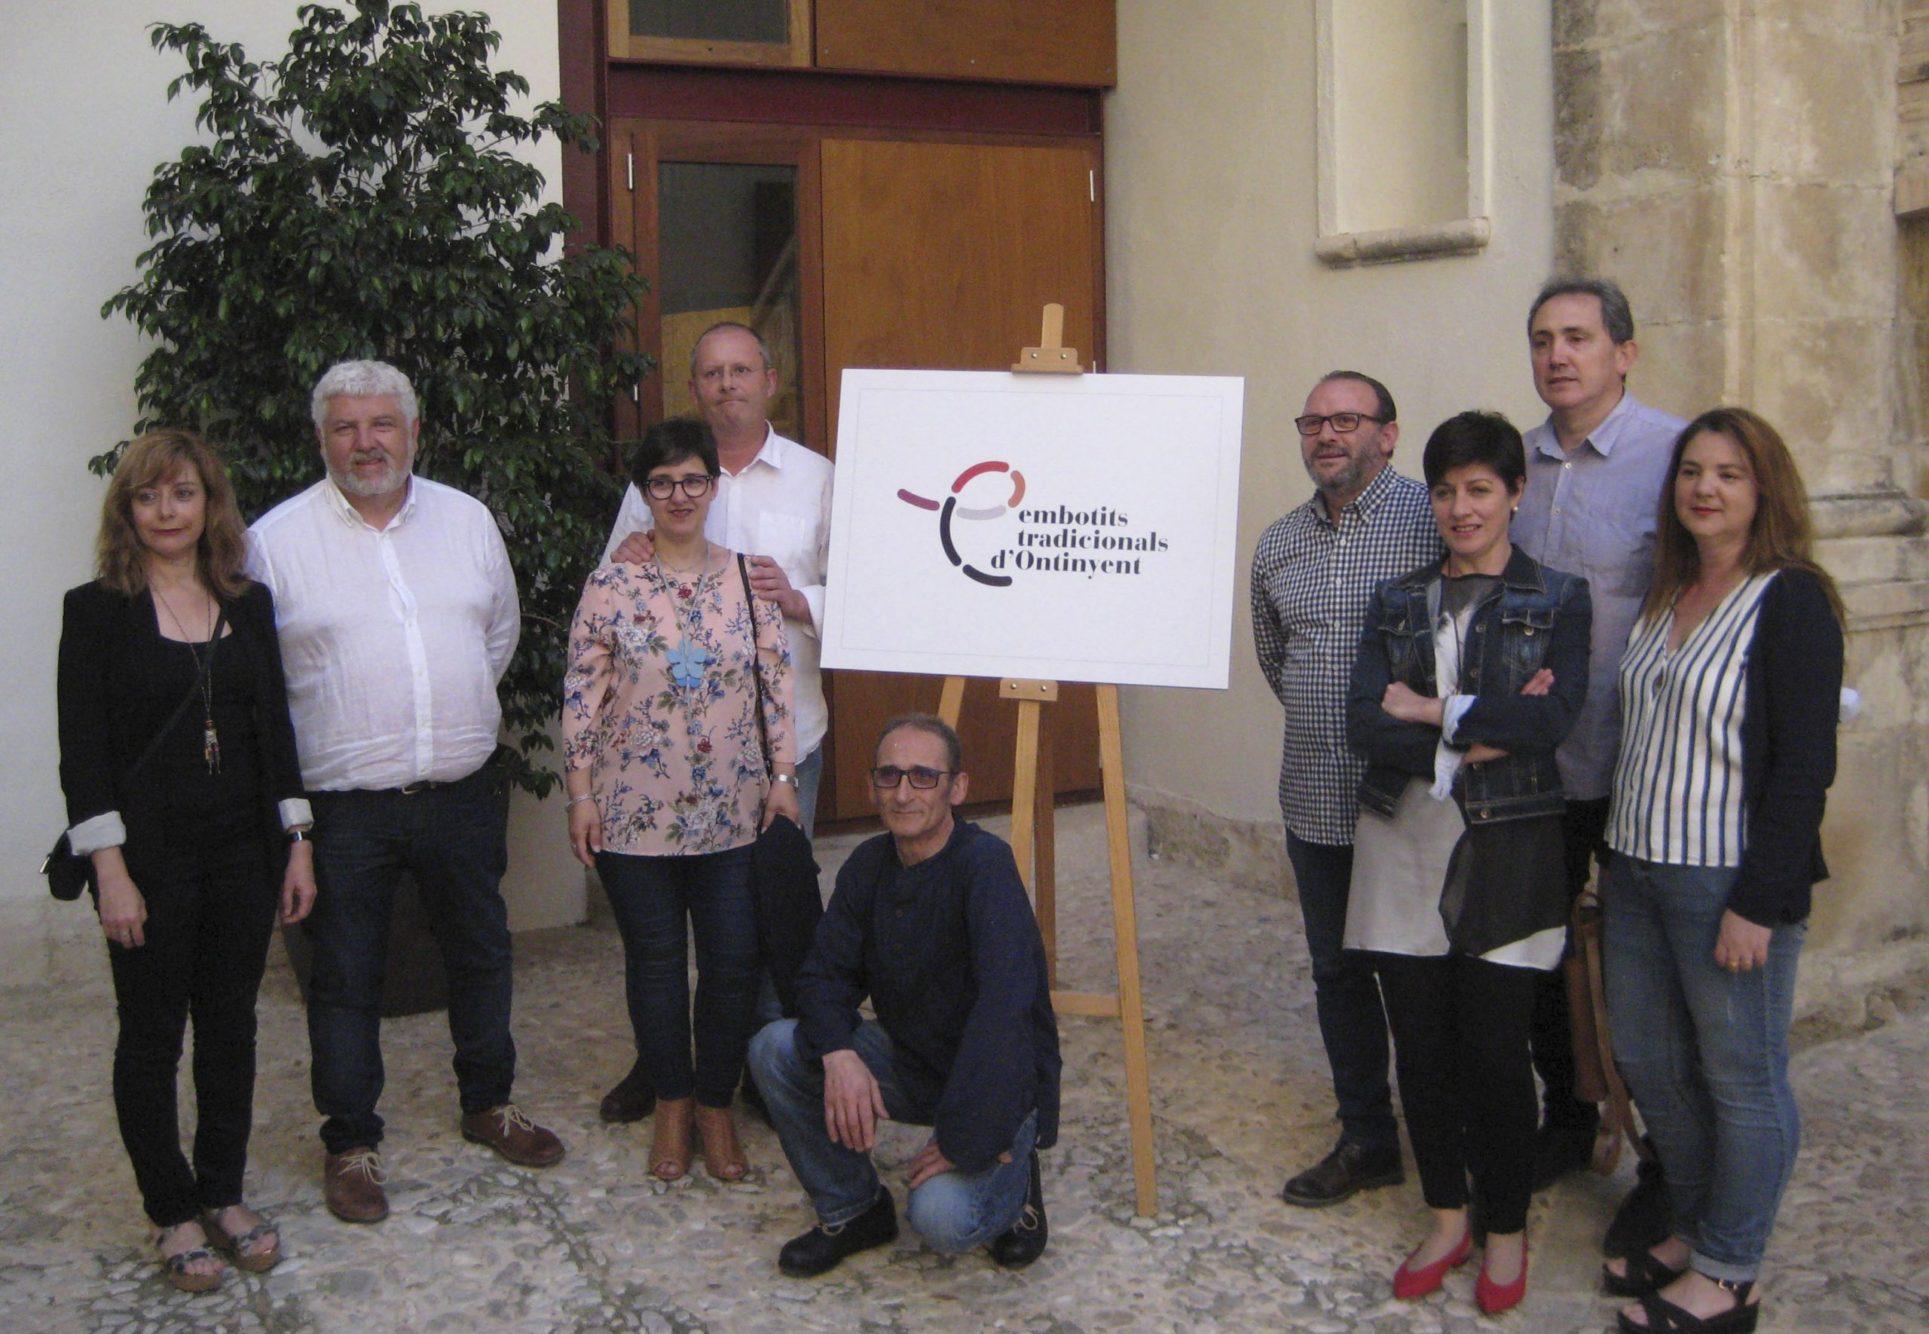 Una nova marca per a impulsar l'embotit tradicional i artesà El Periòdic d'Ontinyent